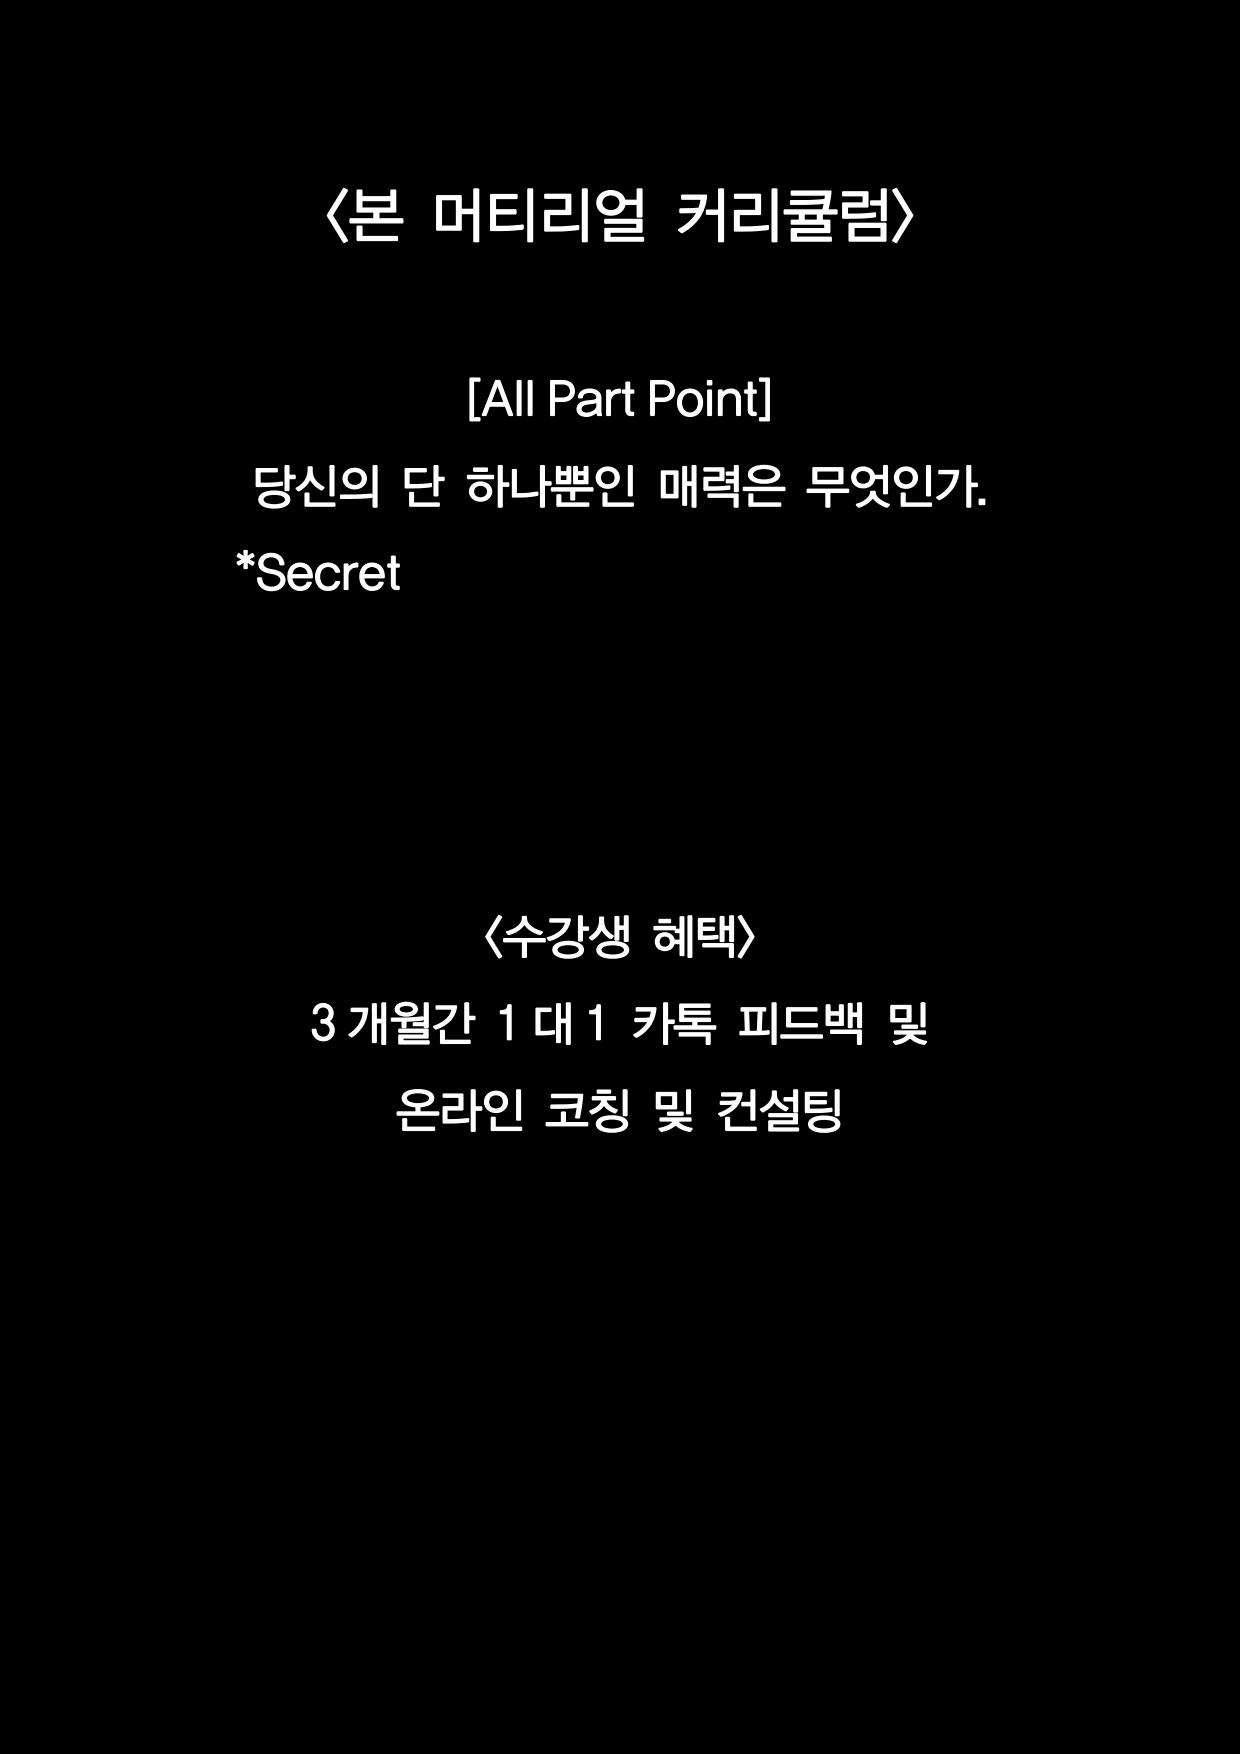 본 머티리어 1회차 홍보글 v3(수강후기 따로 편집요함)_45.png